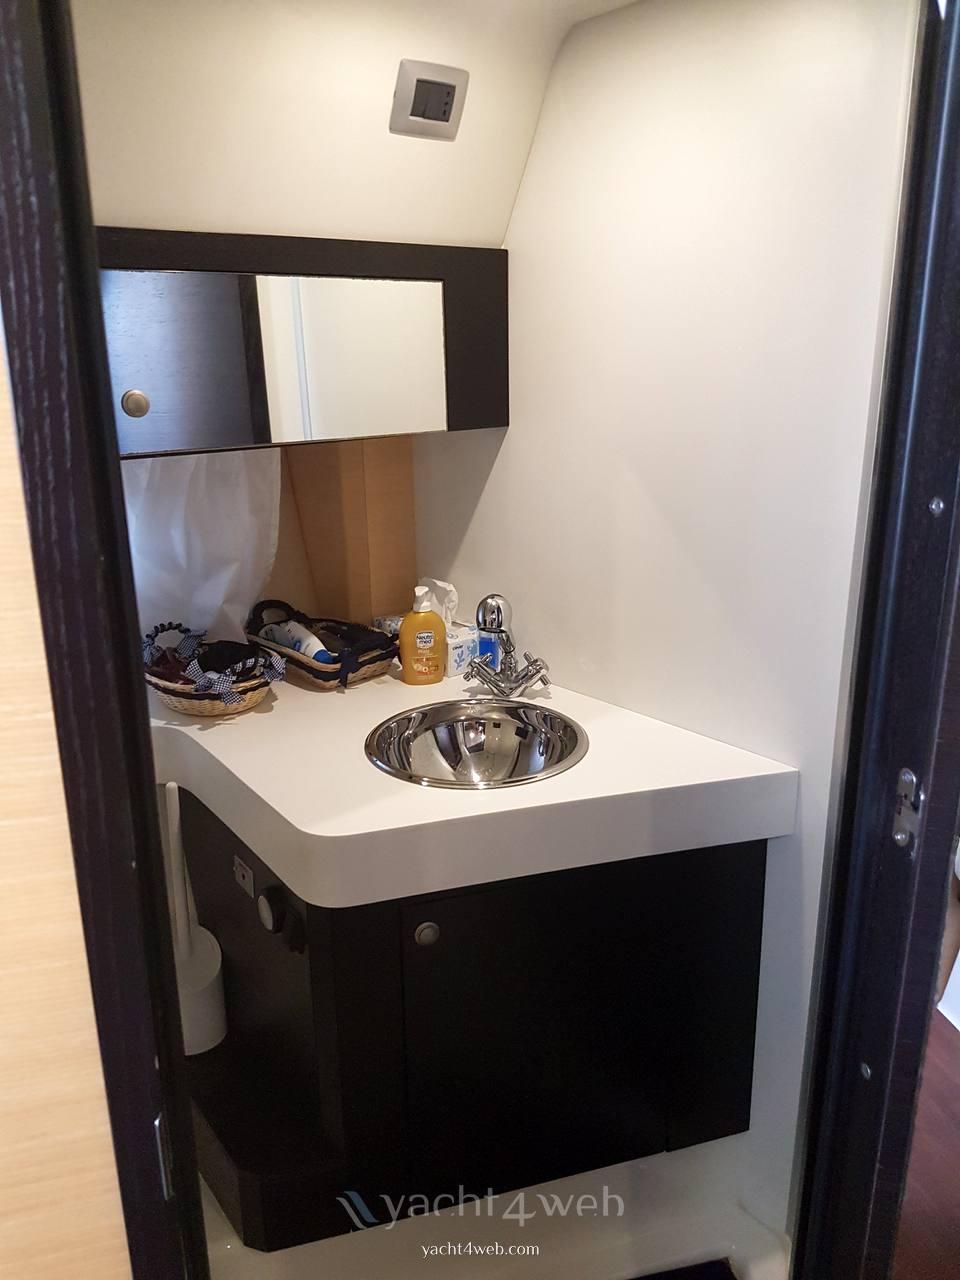 CRANCHI Zaffiro 36 Hygienic service